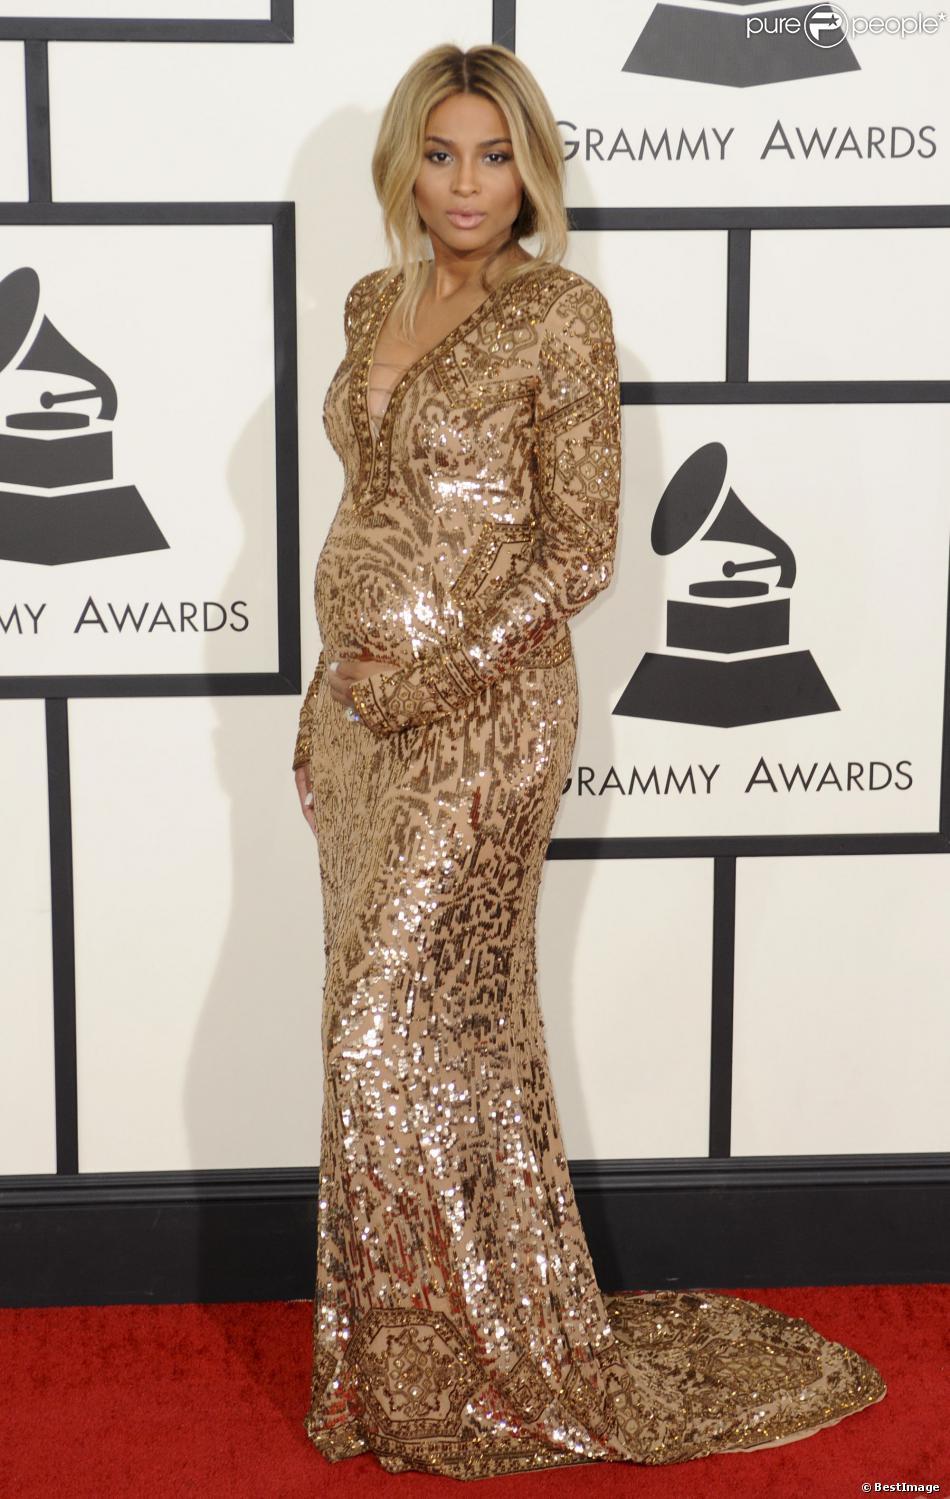 La chanteuse Ciara (enceinte) lors de la 56e cérémonie des Grammy Awards à Los Angeles, le 26 janvier 2014.